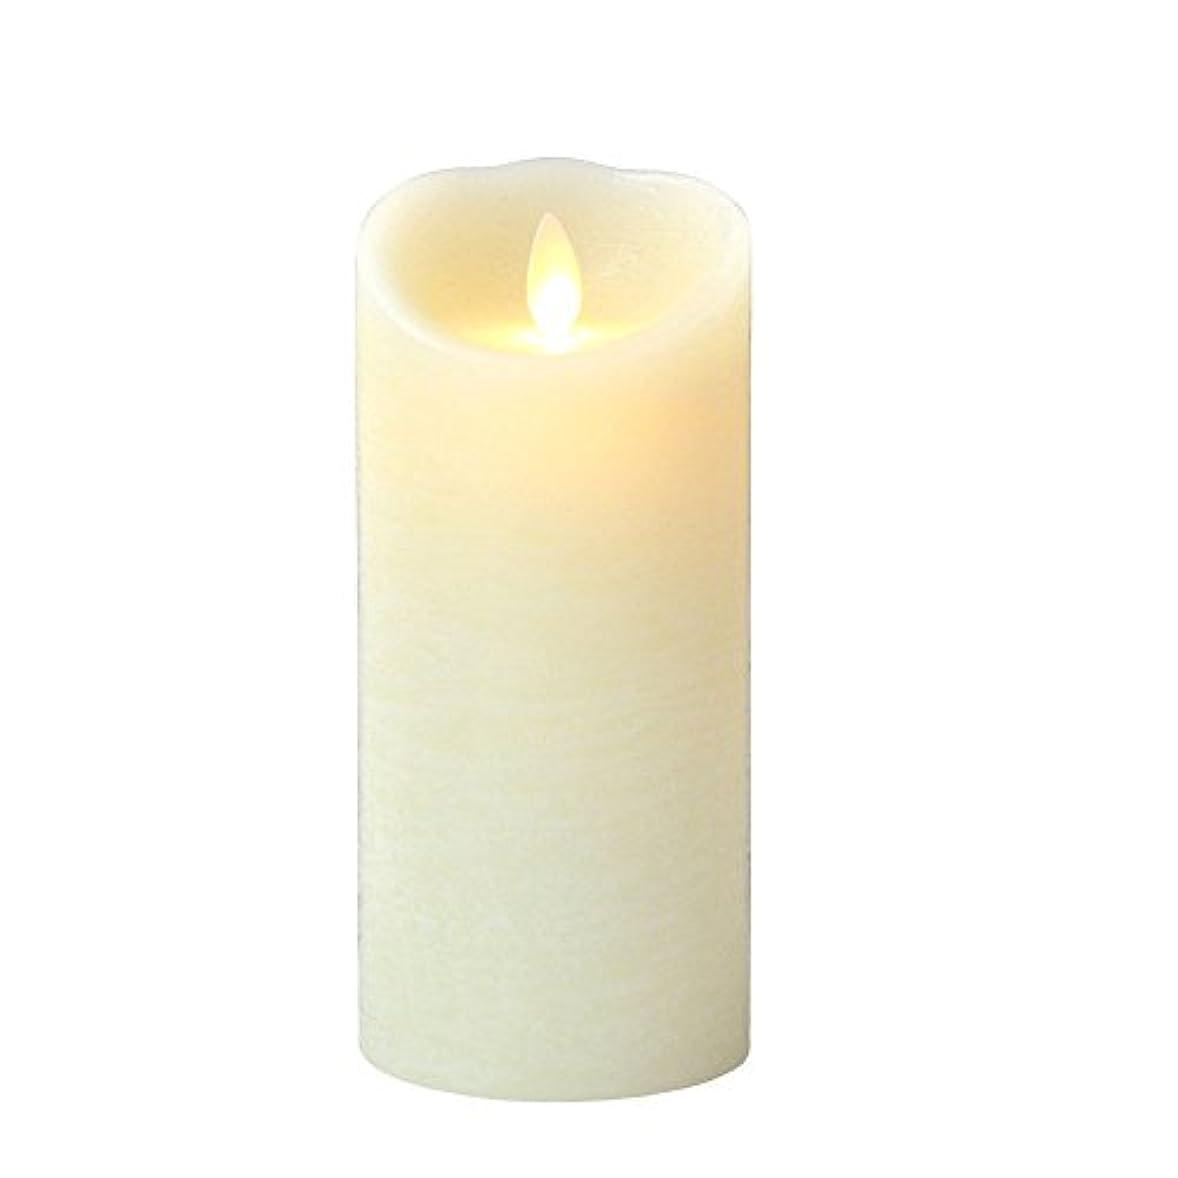 浸す依存する製油所癒しの香りが素敵な間接照明! LUMINARA ルミナラ ピラー3×6 ラスティク B0320-00-20 IV?オーシャンブリーズ